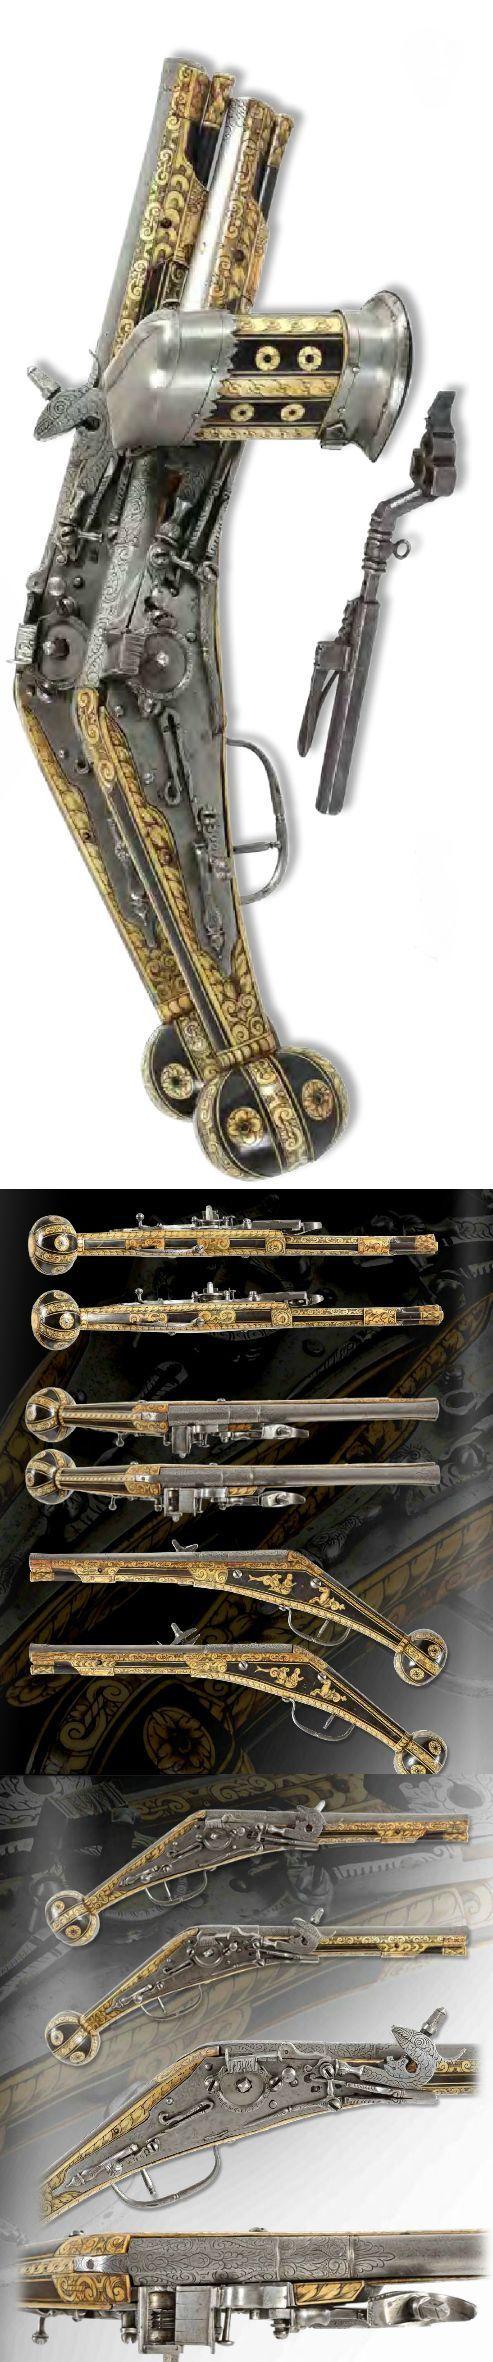 Fusil Wheelock y todos sus accesorios. Alemania, año 1600